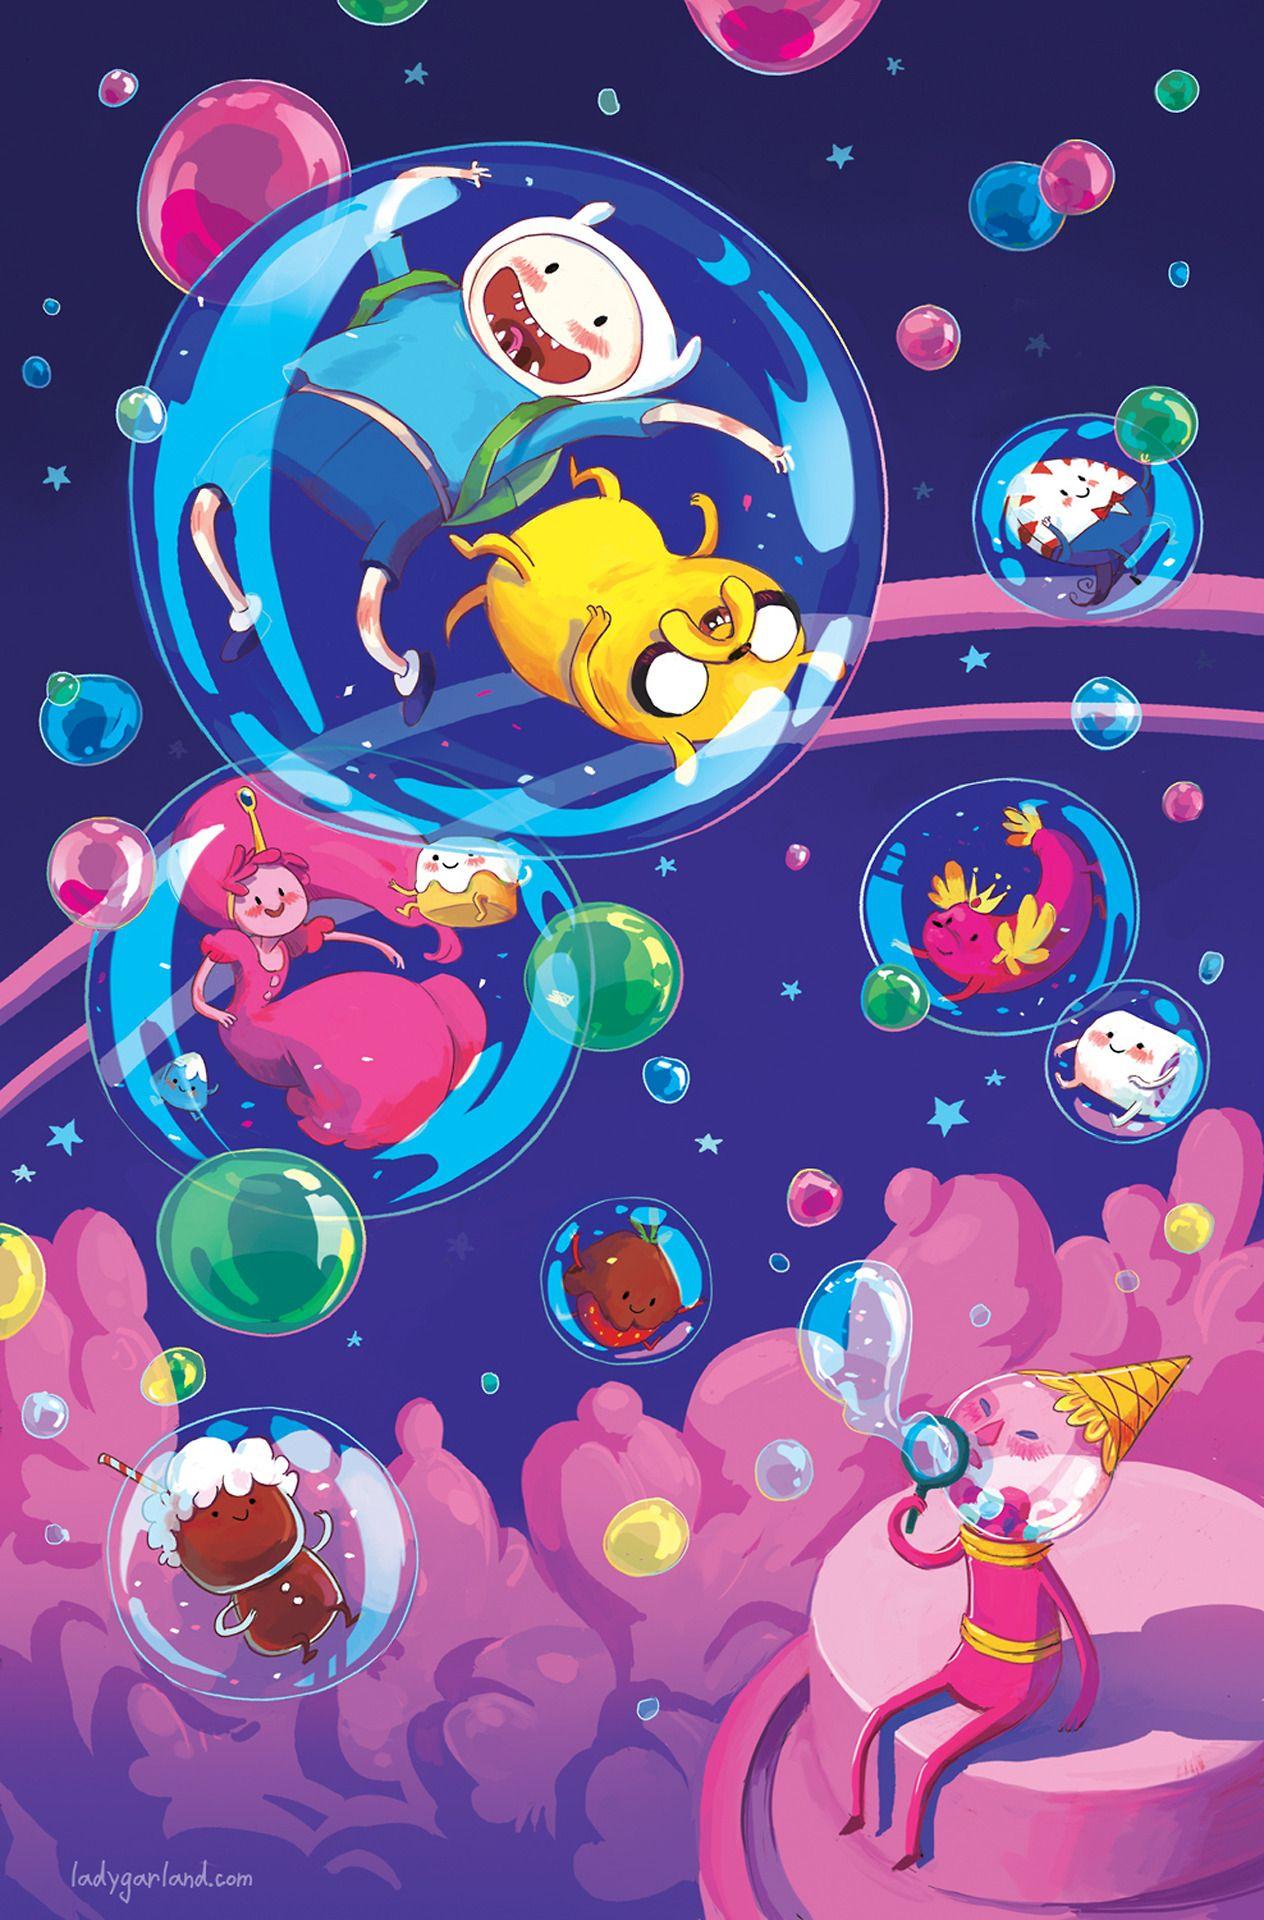 Adventure time with finn and jake baniowo pinterest hora de resultado de imagen para hora de aventura thecheapjerseys Gallery